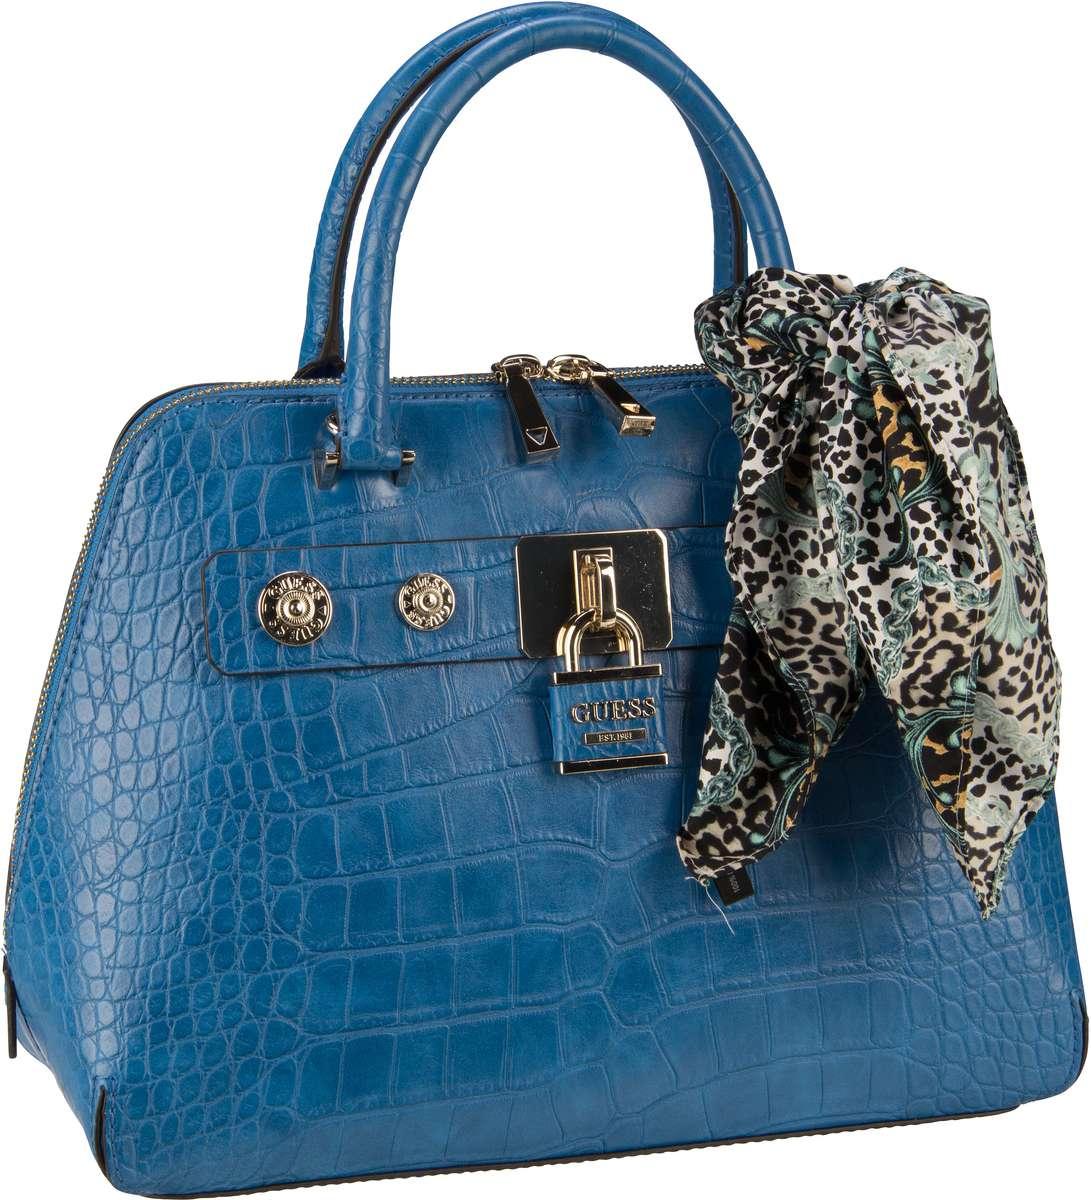 Handtasche Anne Marie Dome Satchel Blue